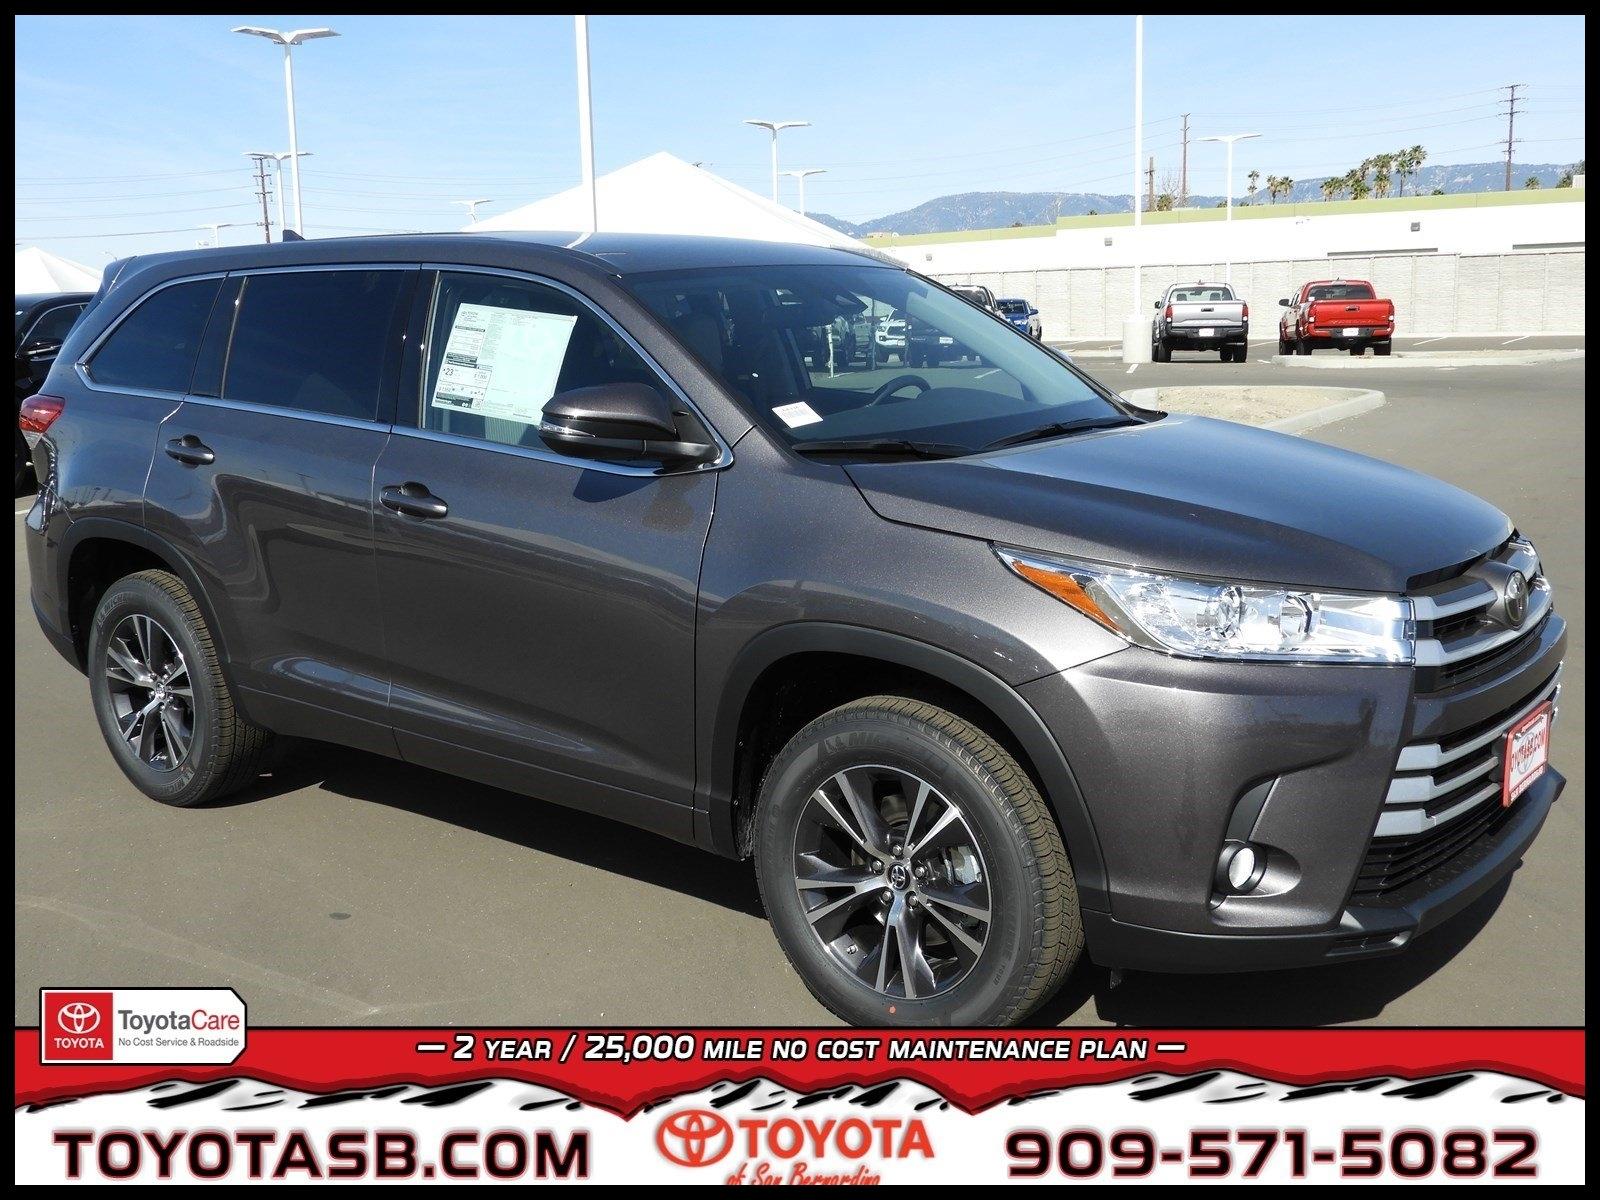 2018 Toyota Highlander for Sale in San Bernardino CA Toyota of San Bernardino 2018 Toyota Highlander for Sale in San Bernardino CA Toyota of San